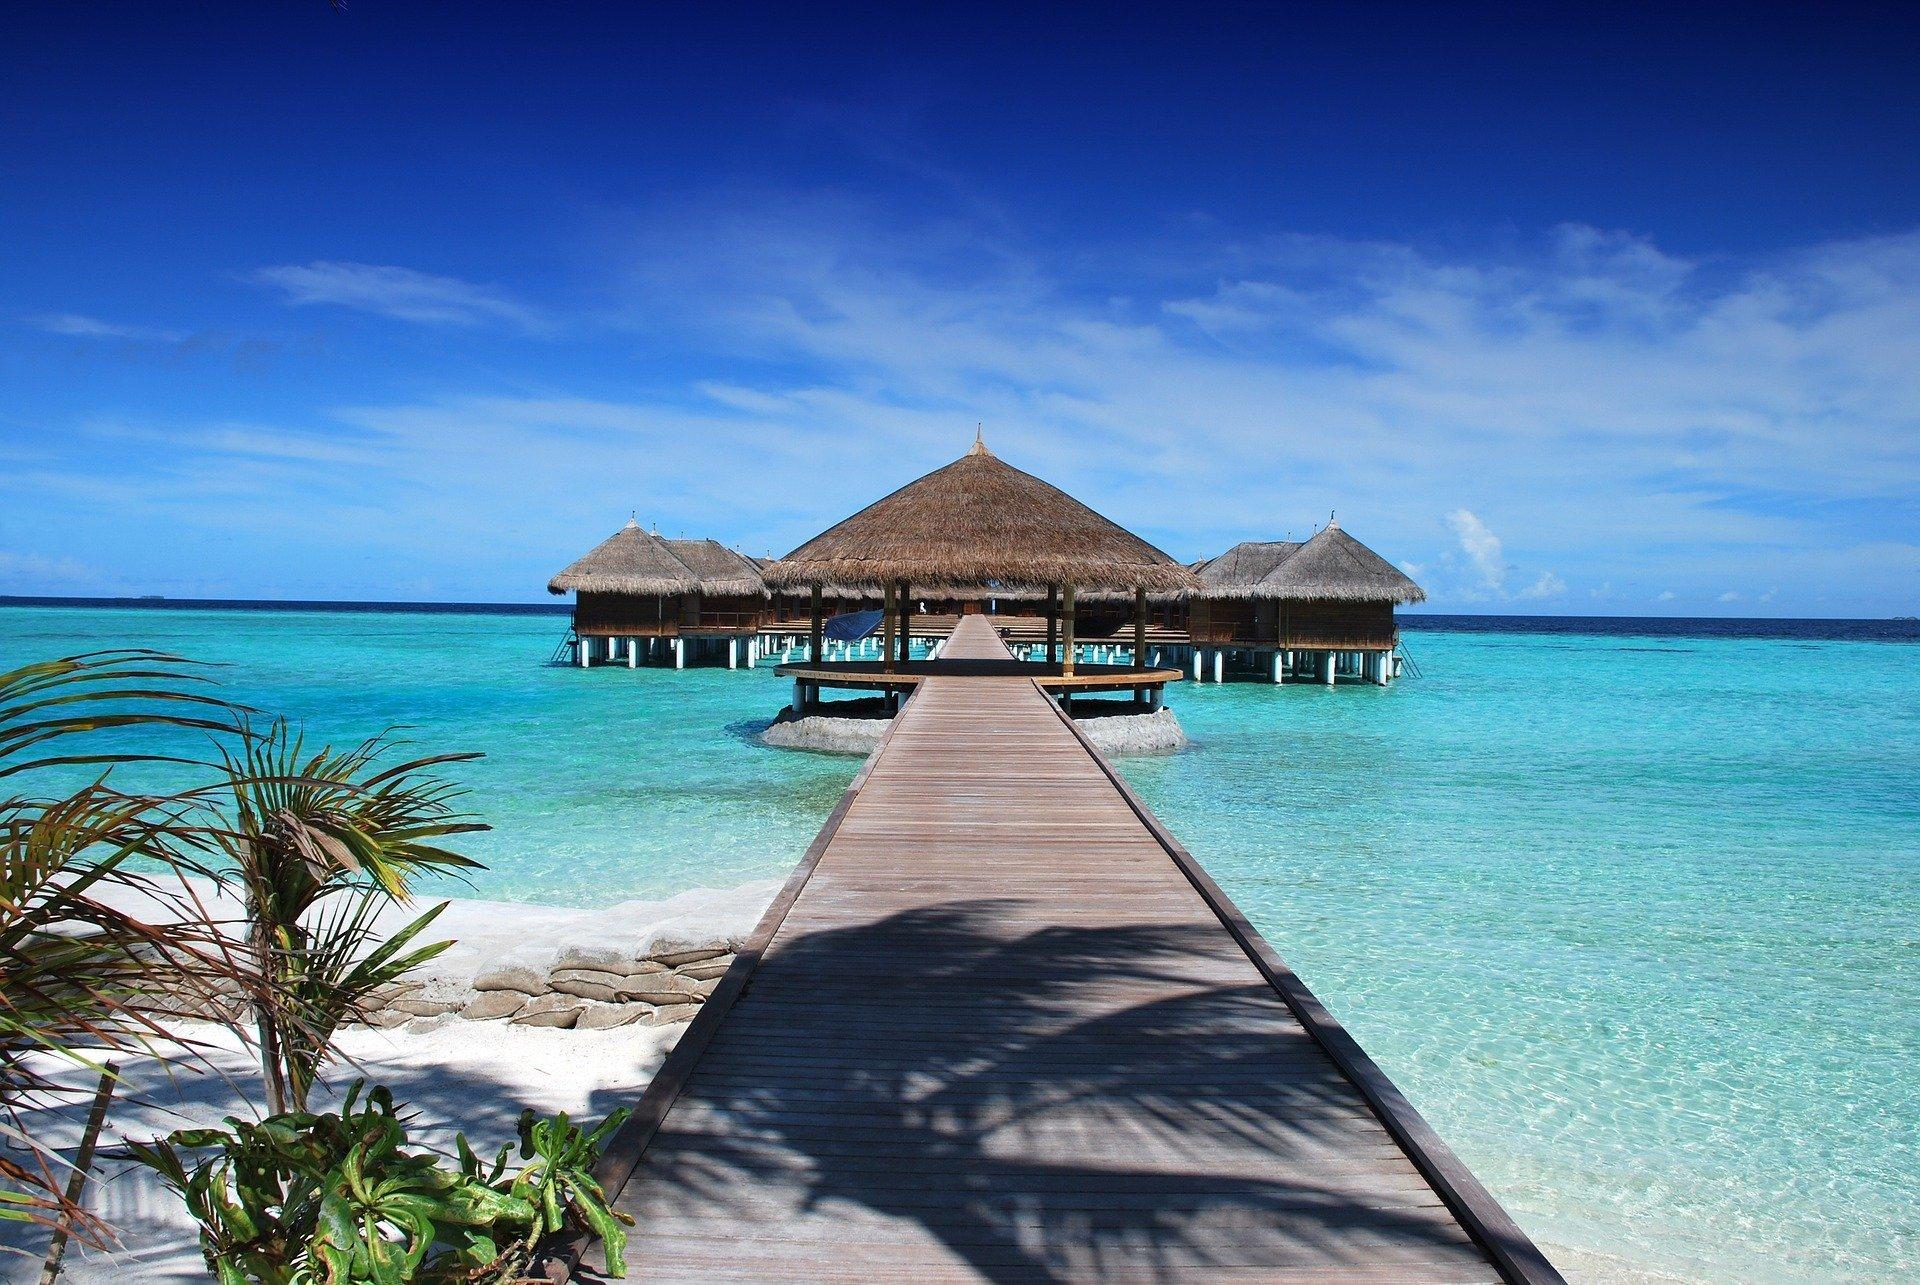 Мальдивы. Рай. Но не для мужиков